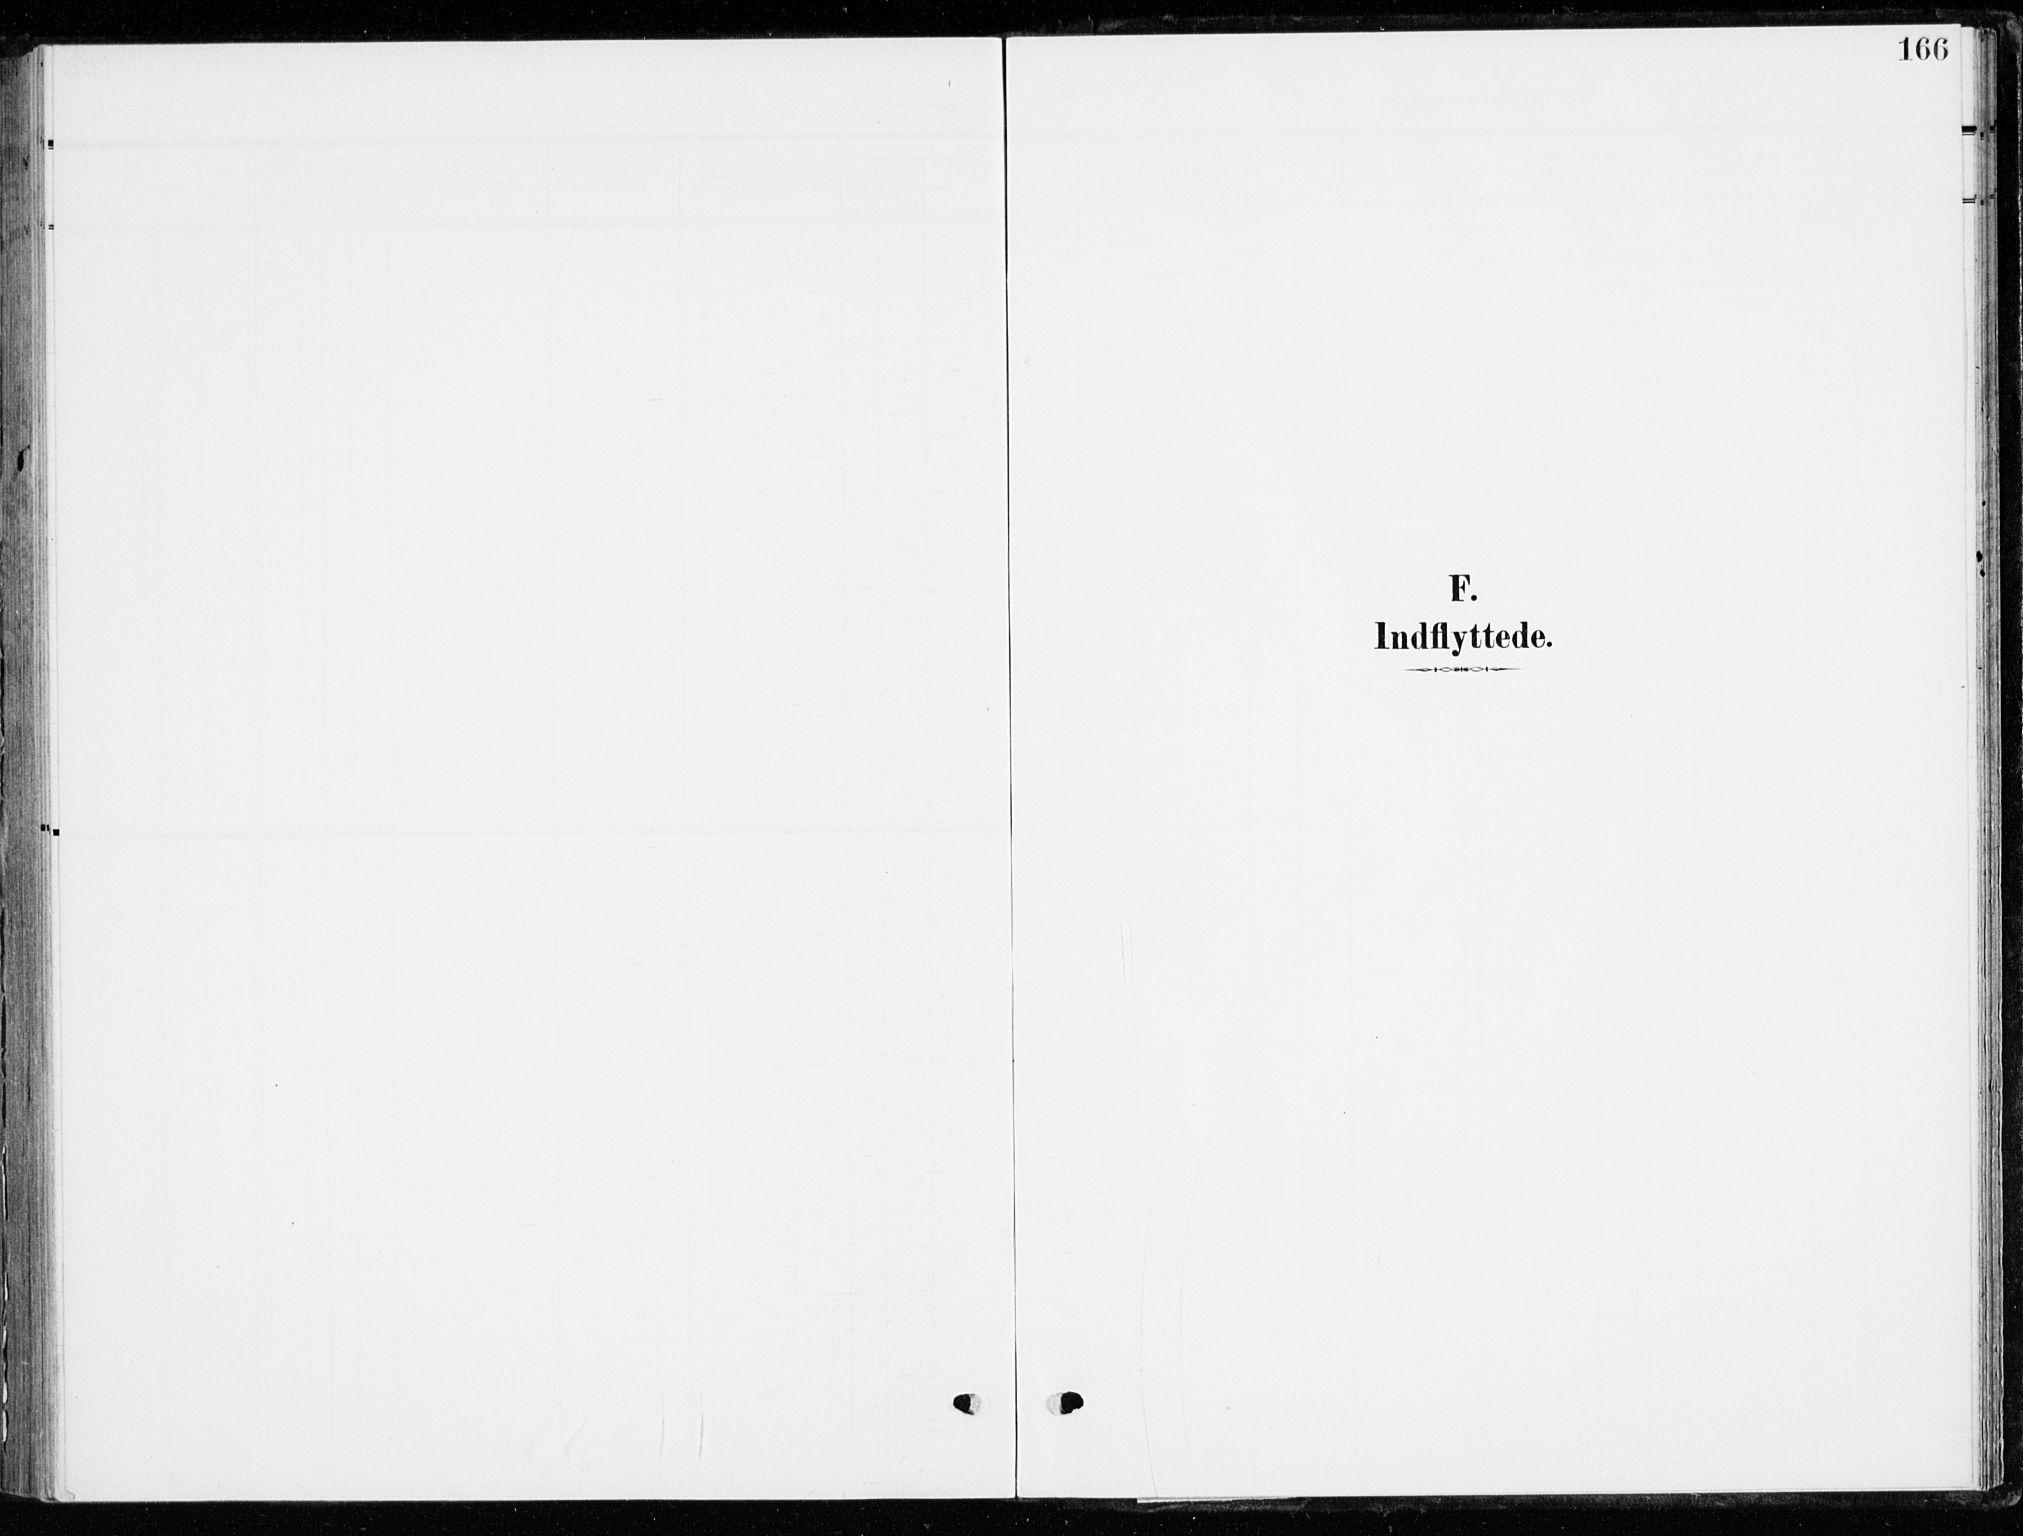 SAH, Ringsaker prestekontor, K/Ka/L0021: Ministerialbok nr. 21, 1905-1920, s. 166